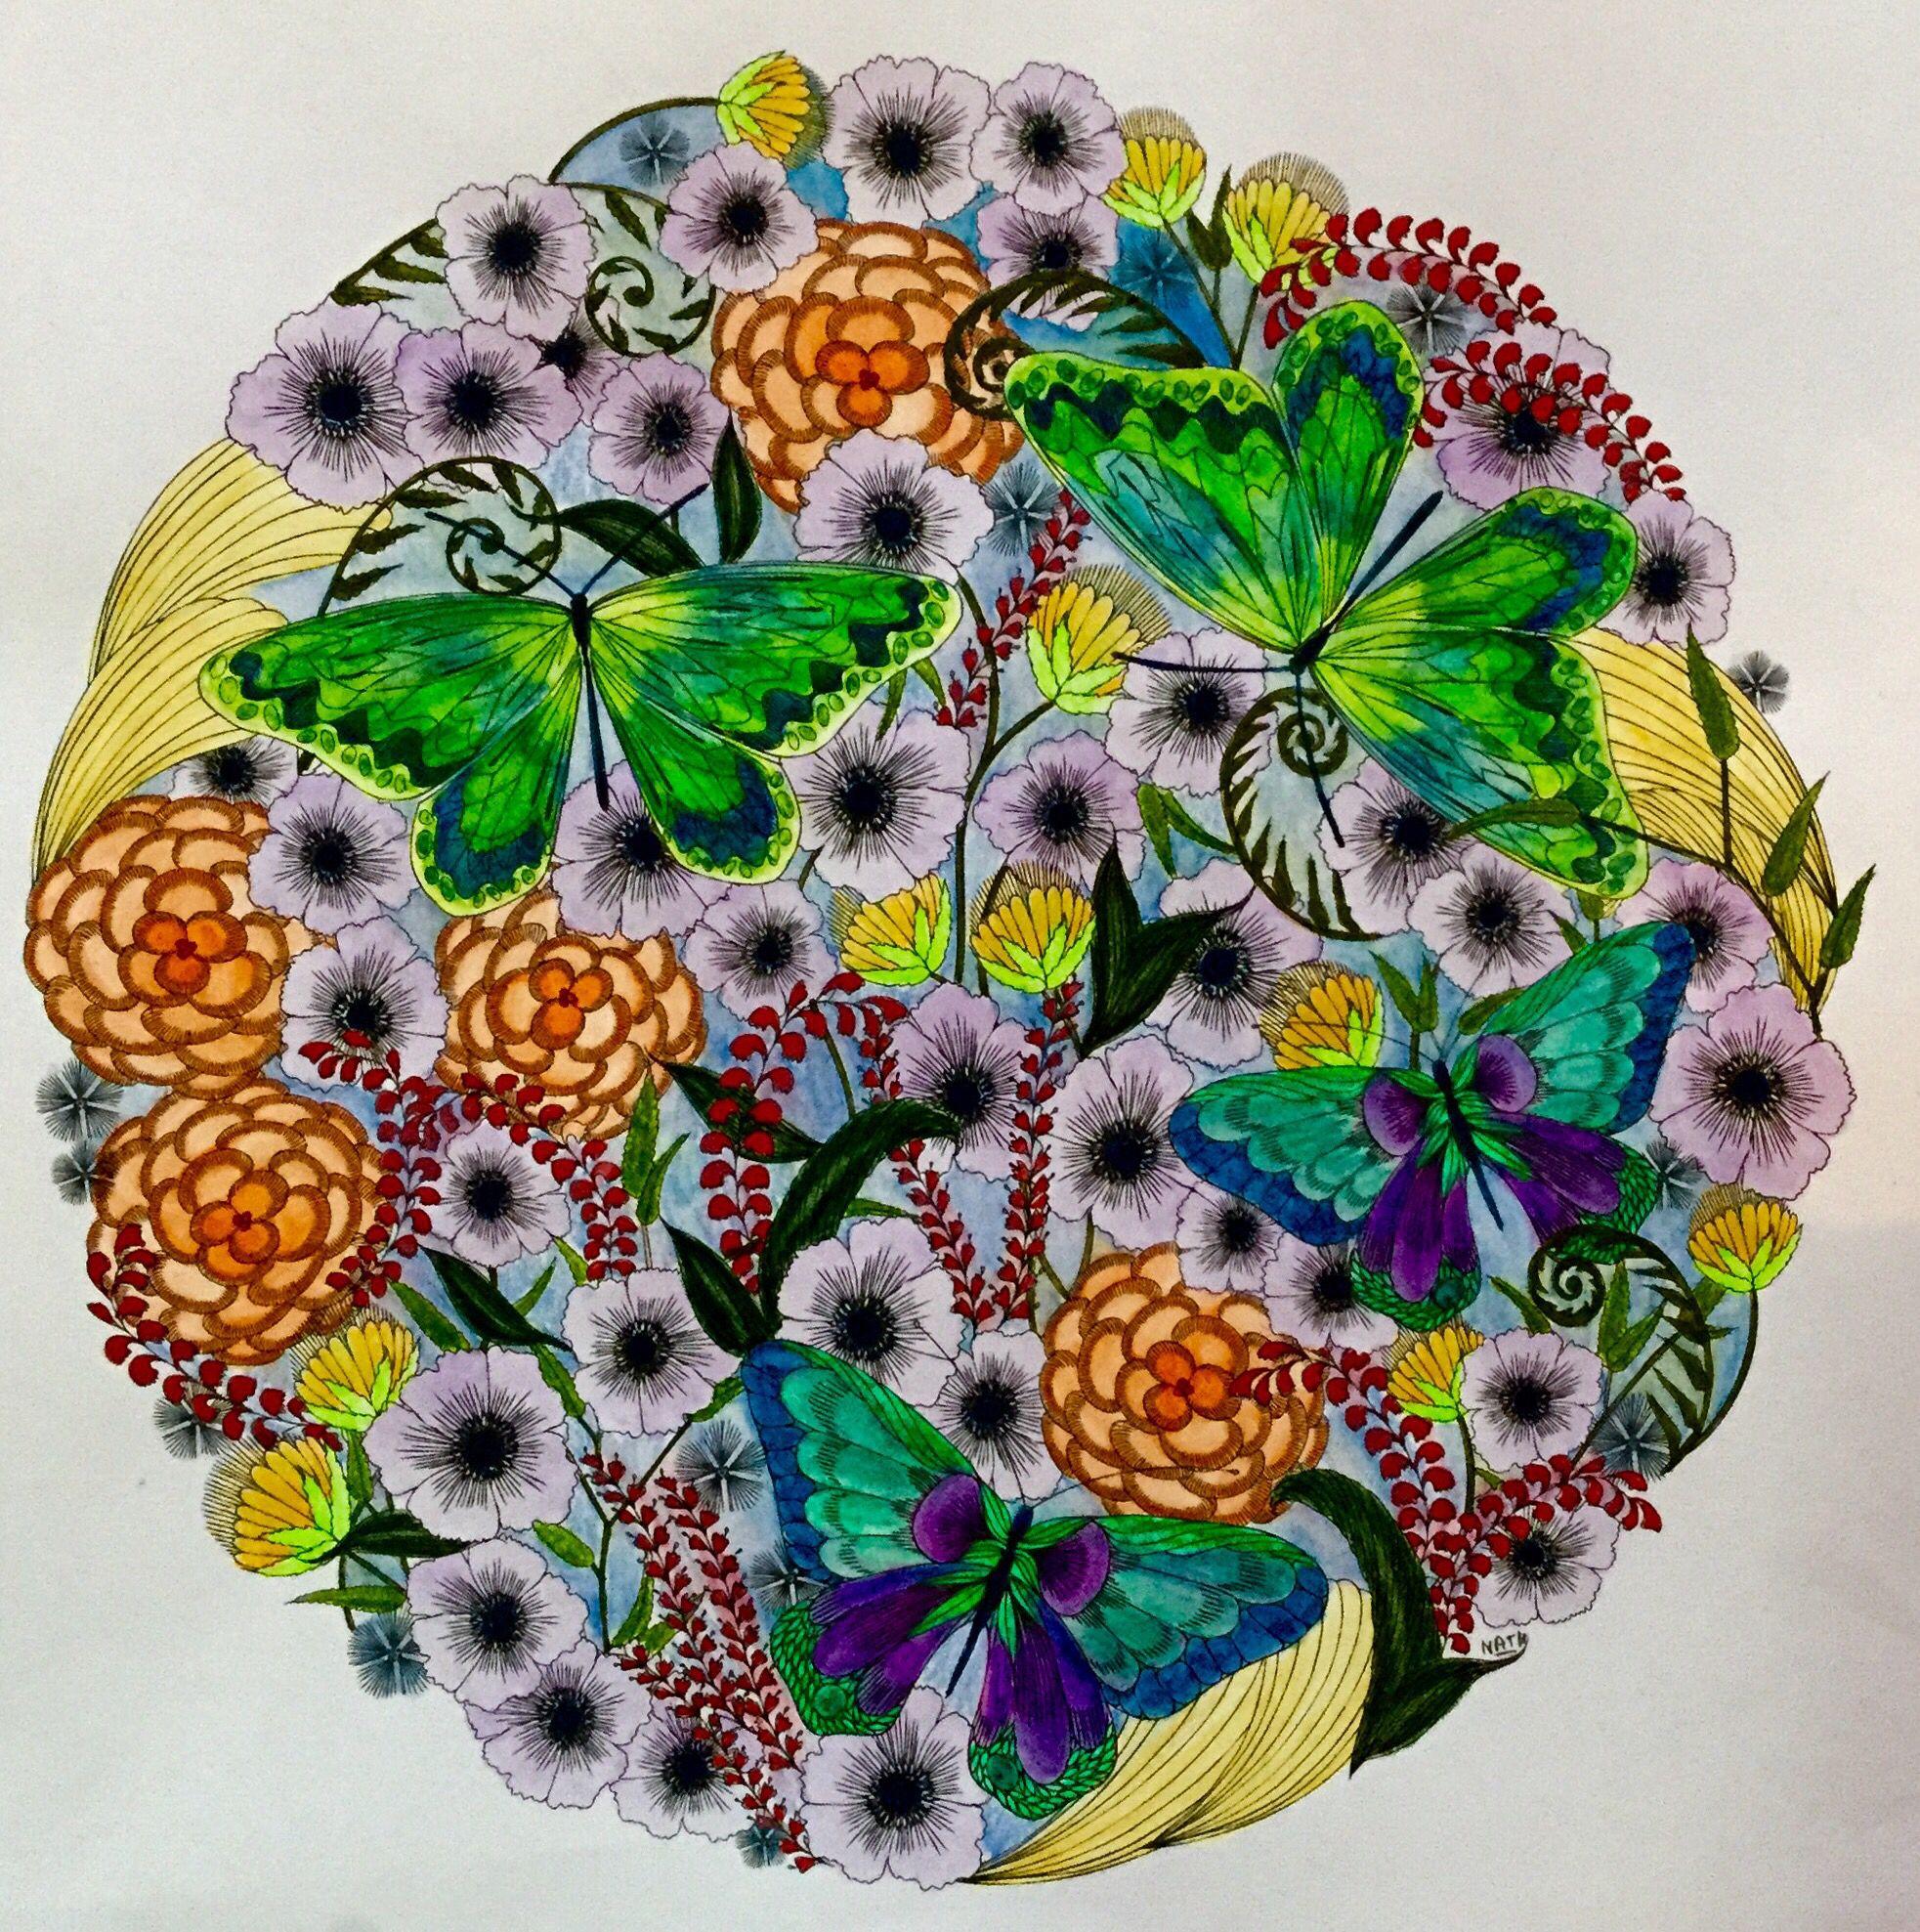 My Coloring Millie Marotta Animal Kingdom Mandala Flowers